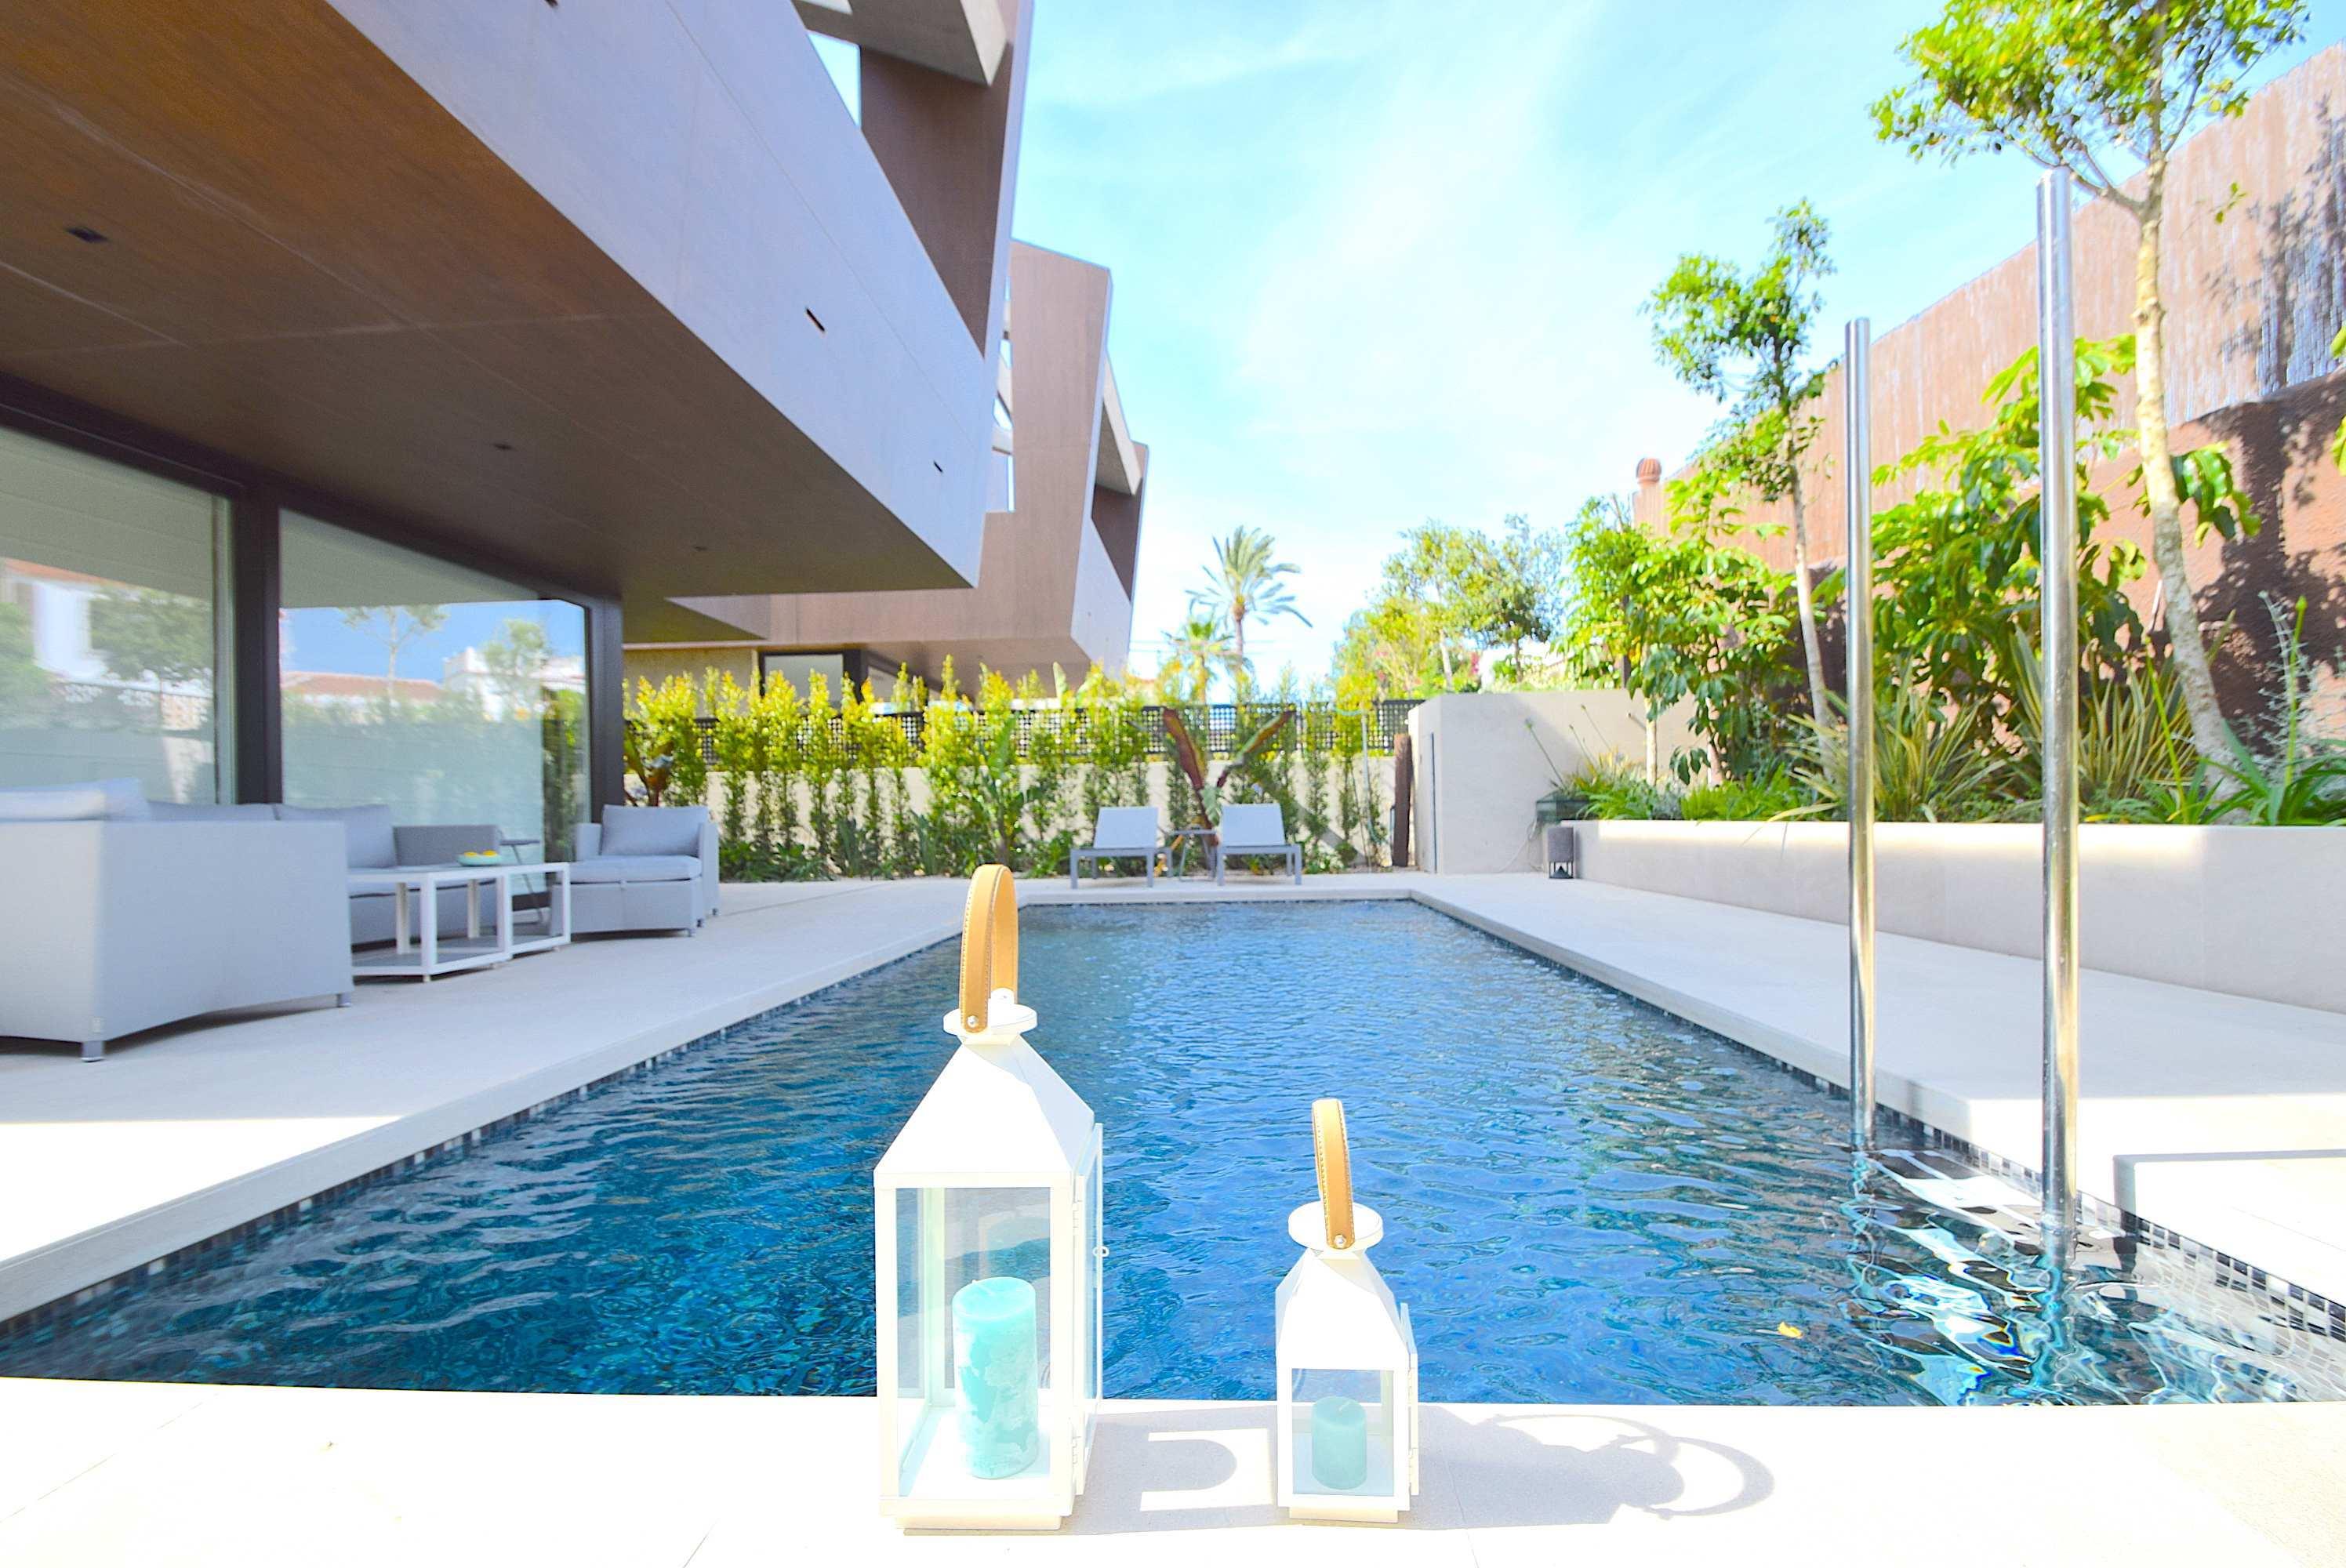 Chalet | Villa en venta en Albir, viviendas exclusivas, Perseo Drive